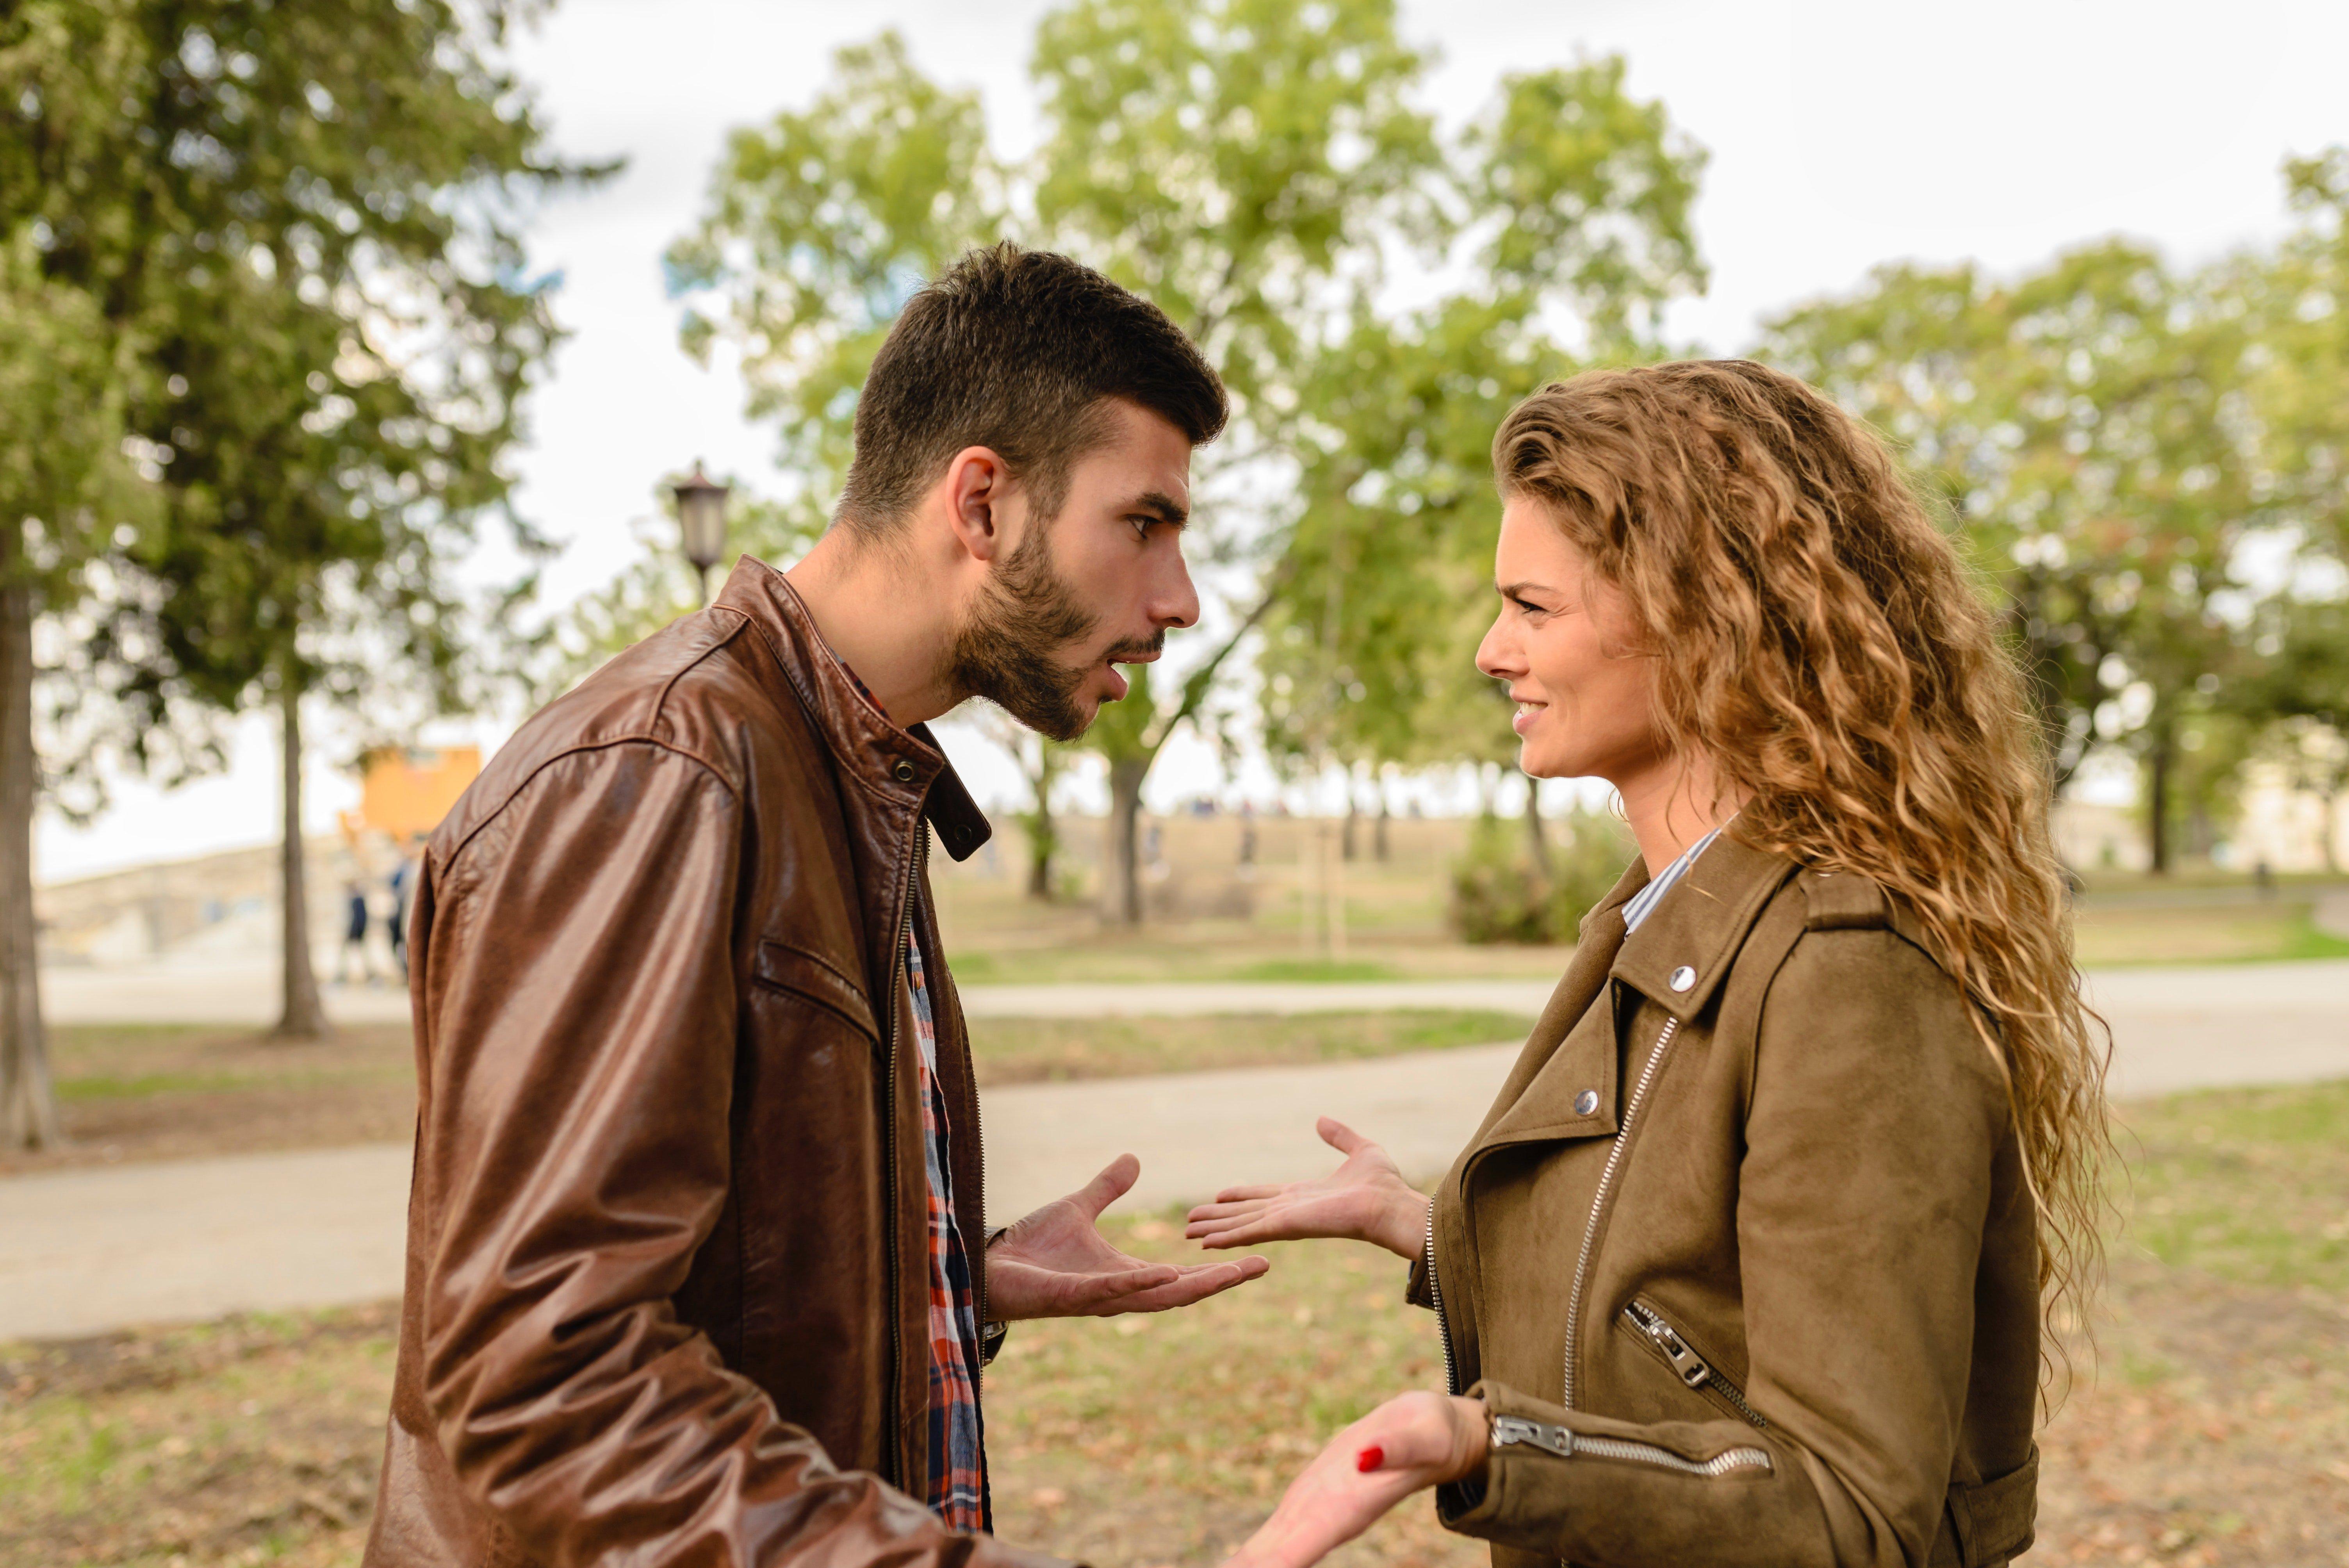 Casal se desentendendo no parque